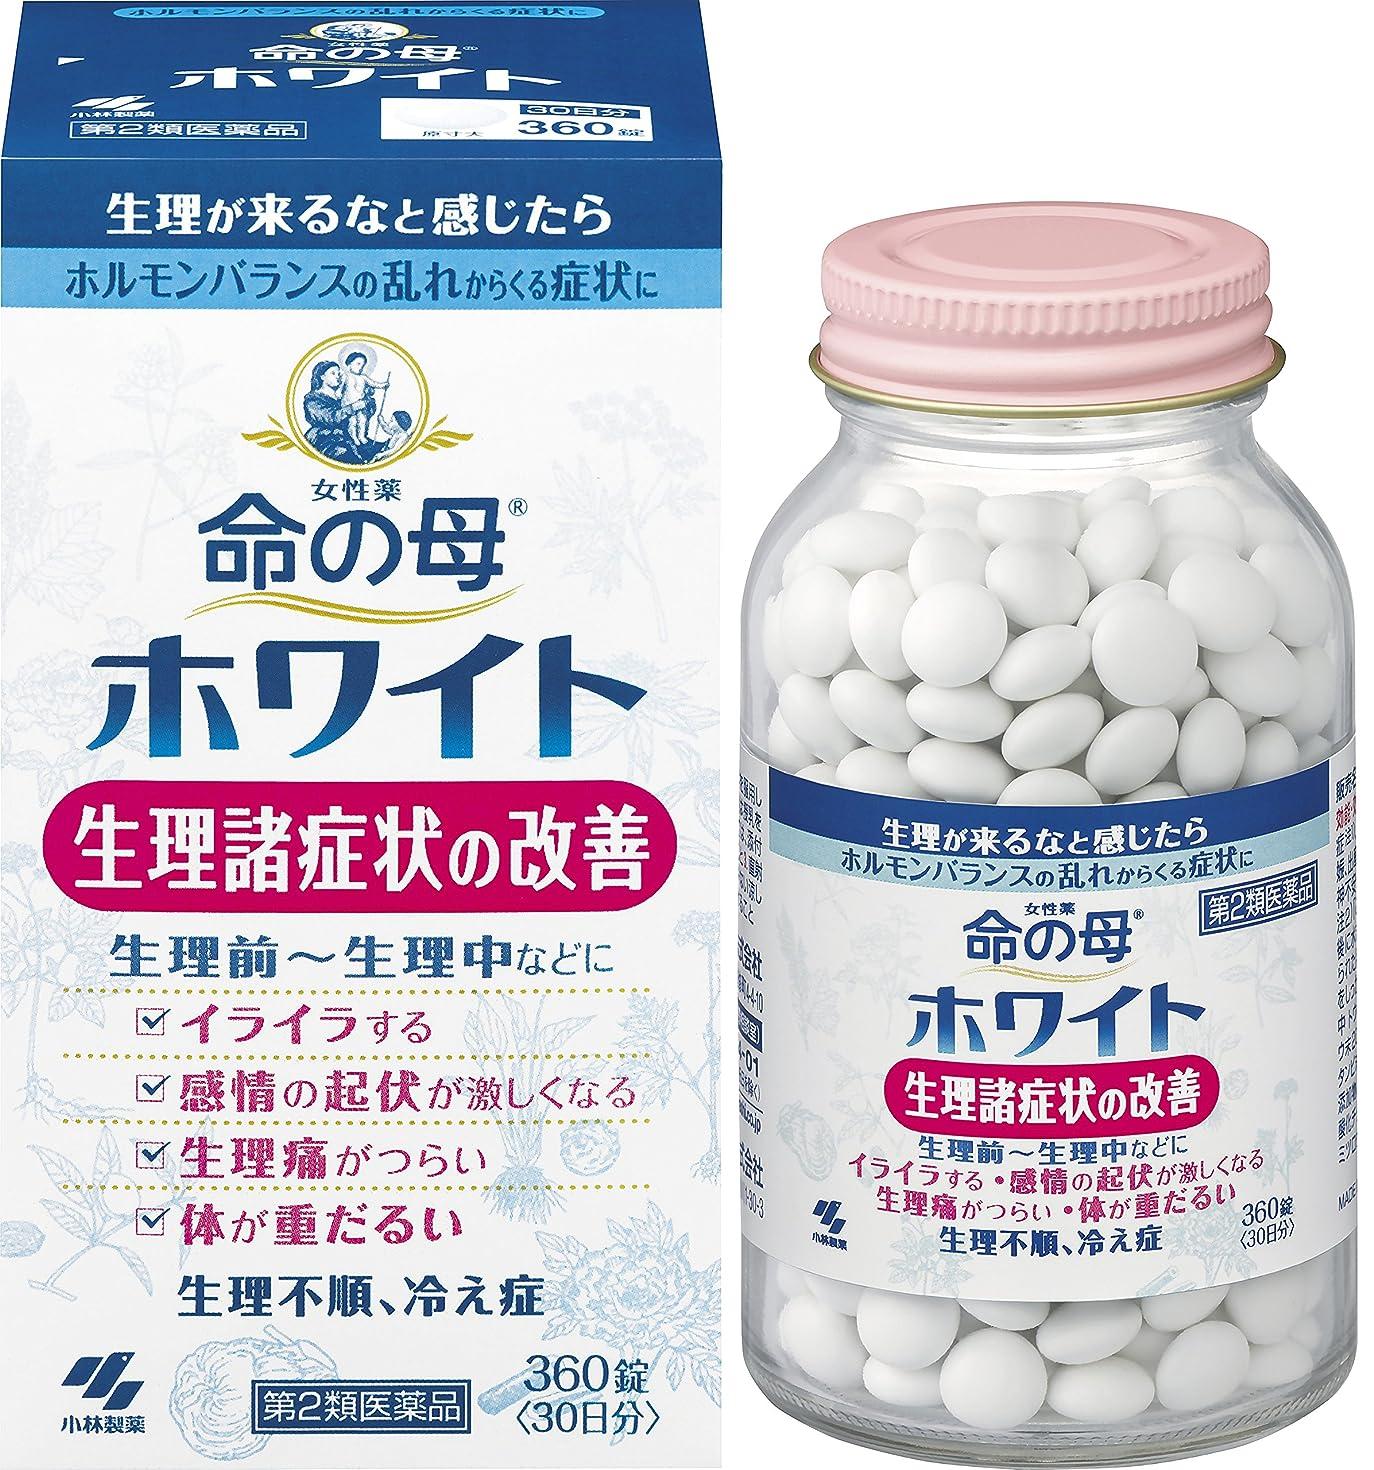 スペル状有毒【第1類医薬品】エンペシドL 6錠 ※セルフメディケーション税制対象商品